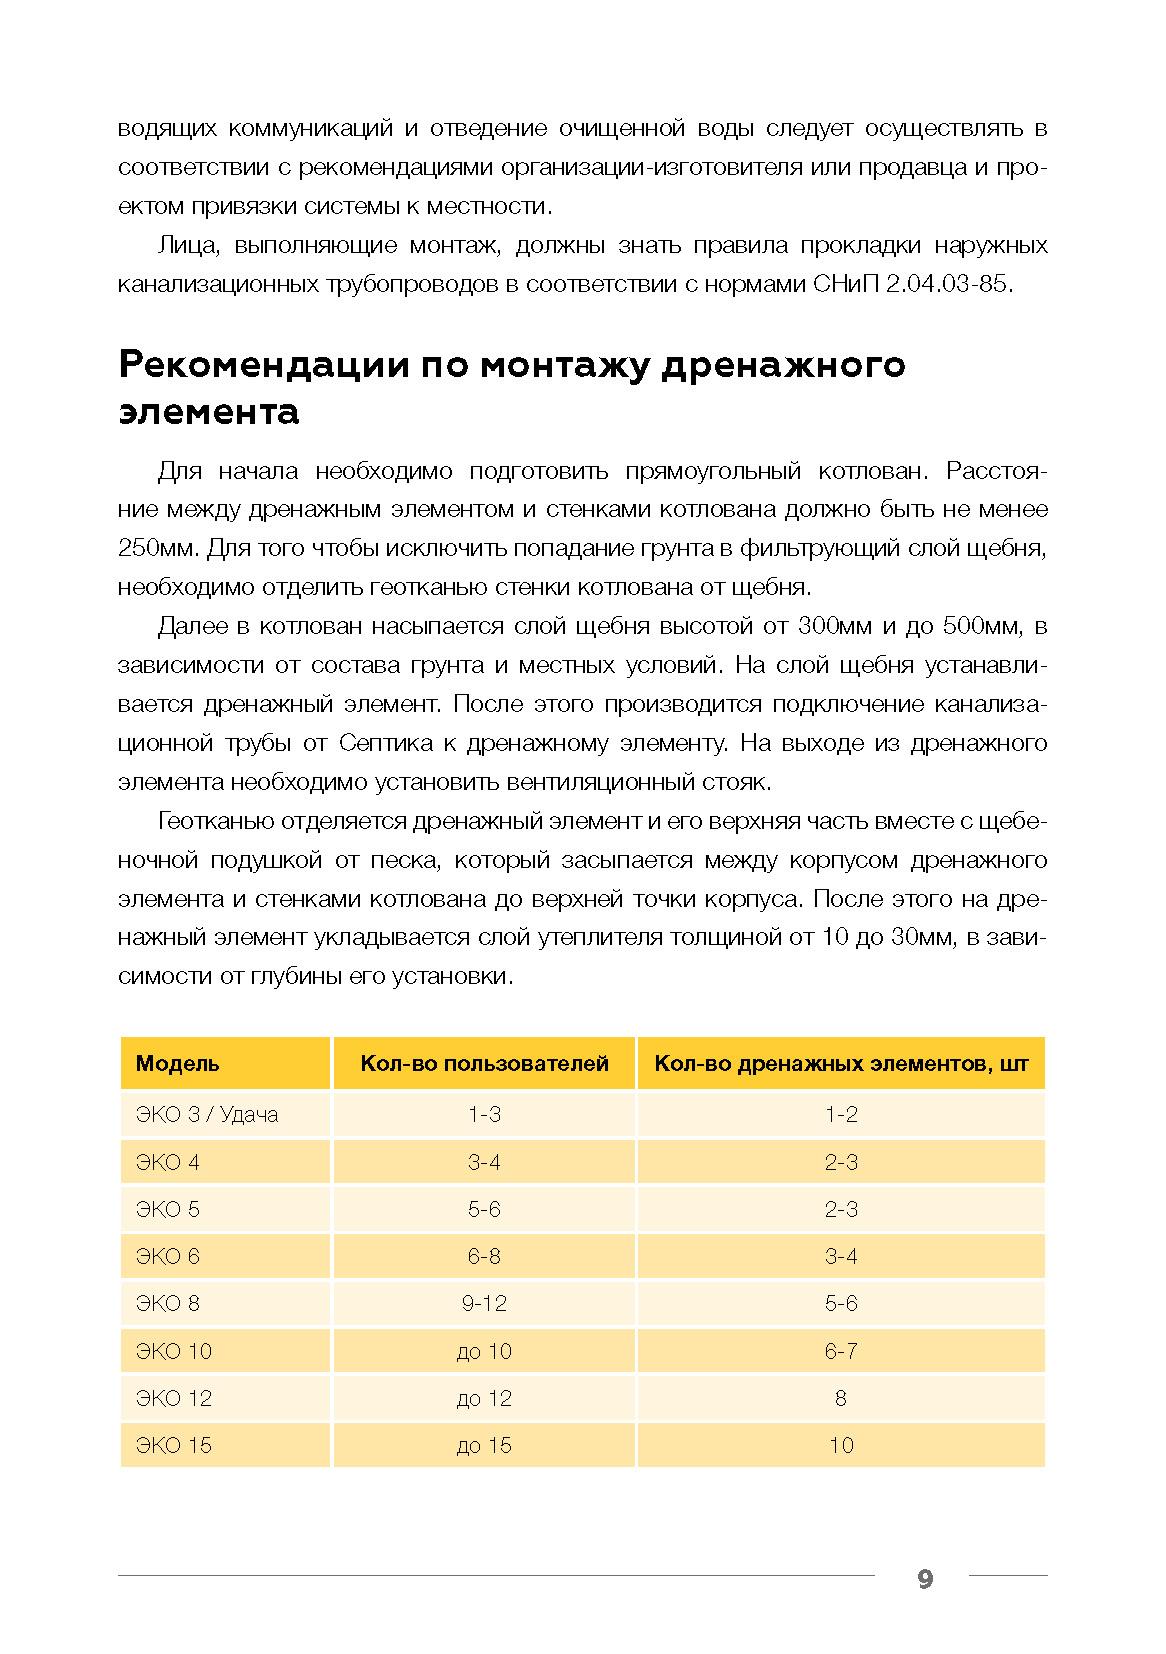 Технический паспорт Евролос Эко_Удача_Страница_11